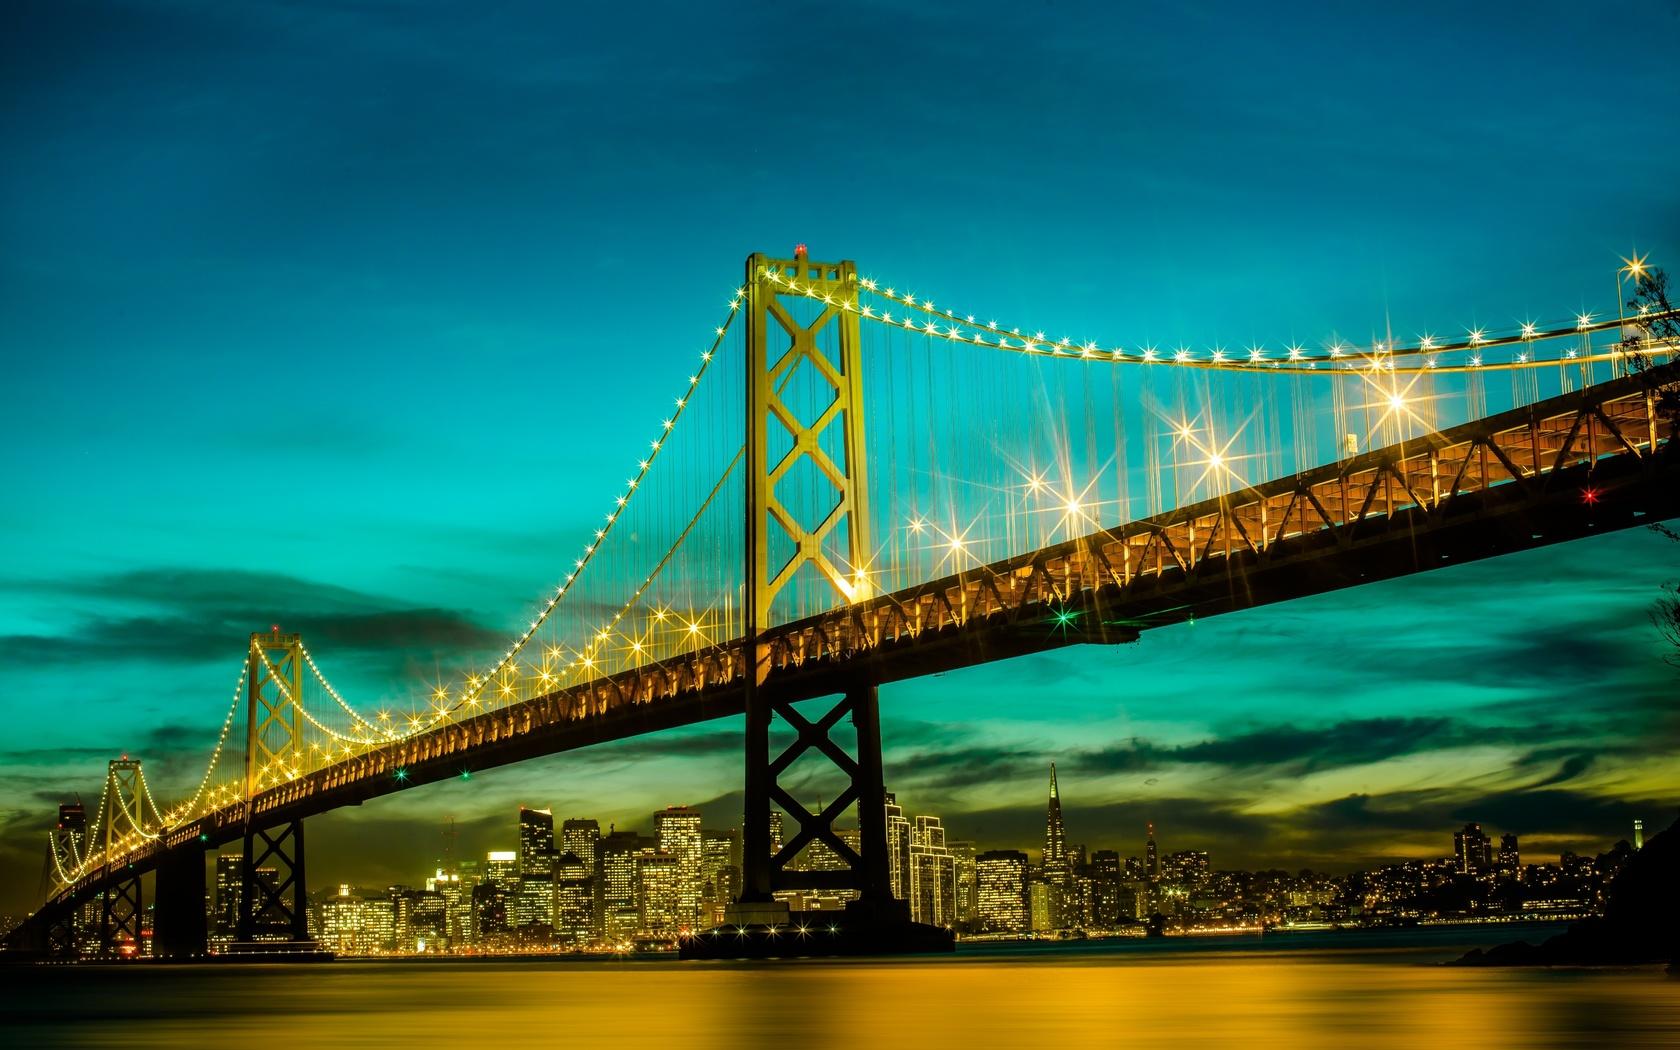 картинка с мостом сканворд подскажете как попасть